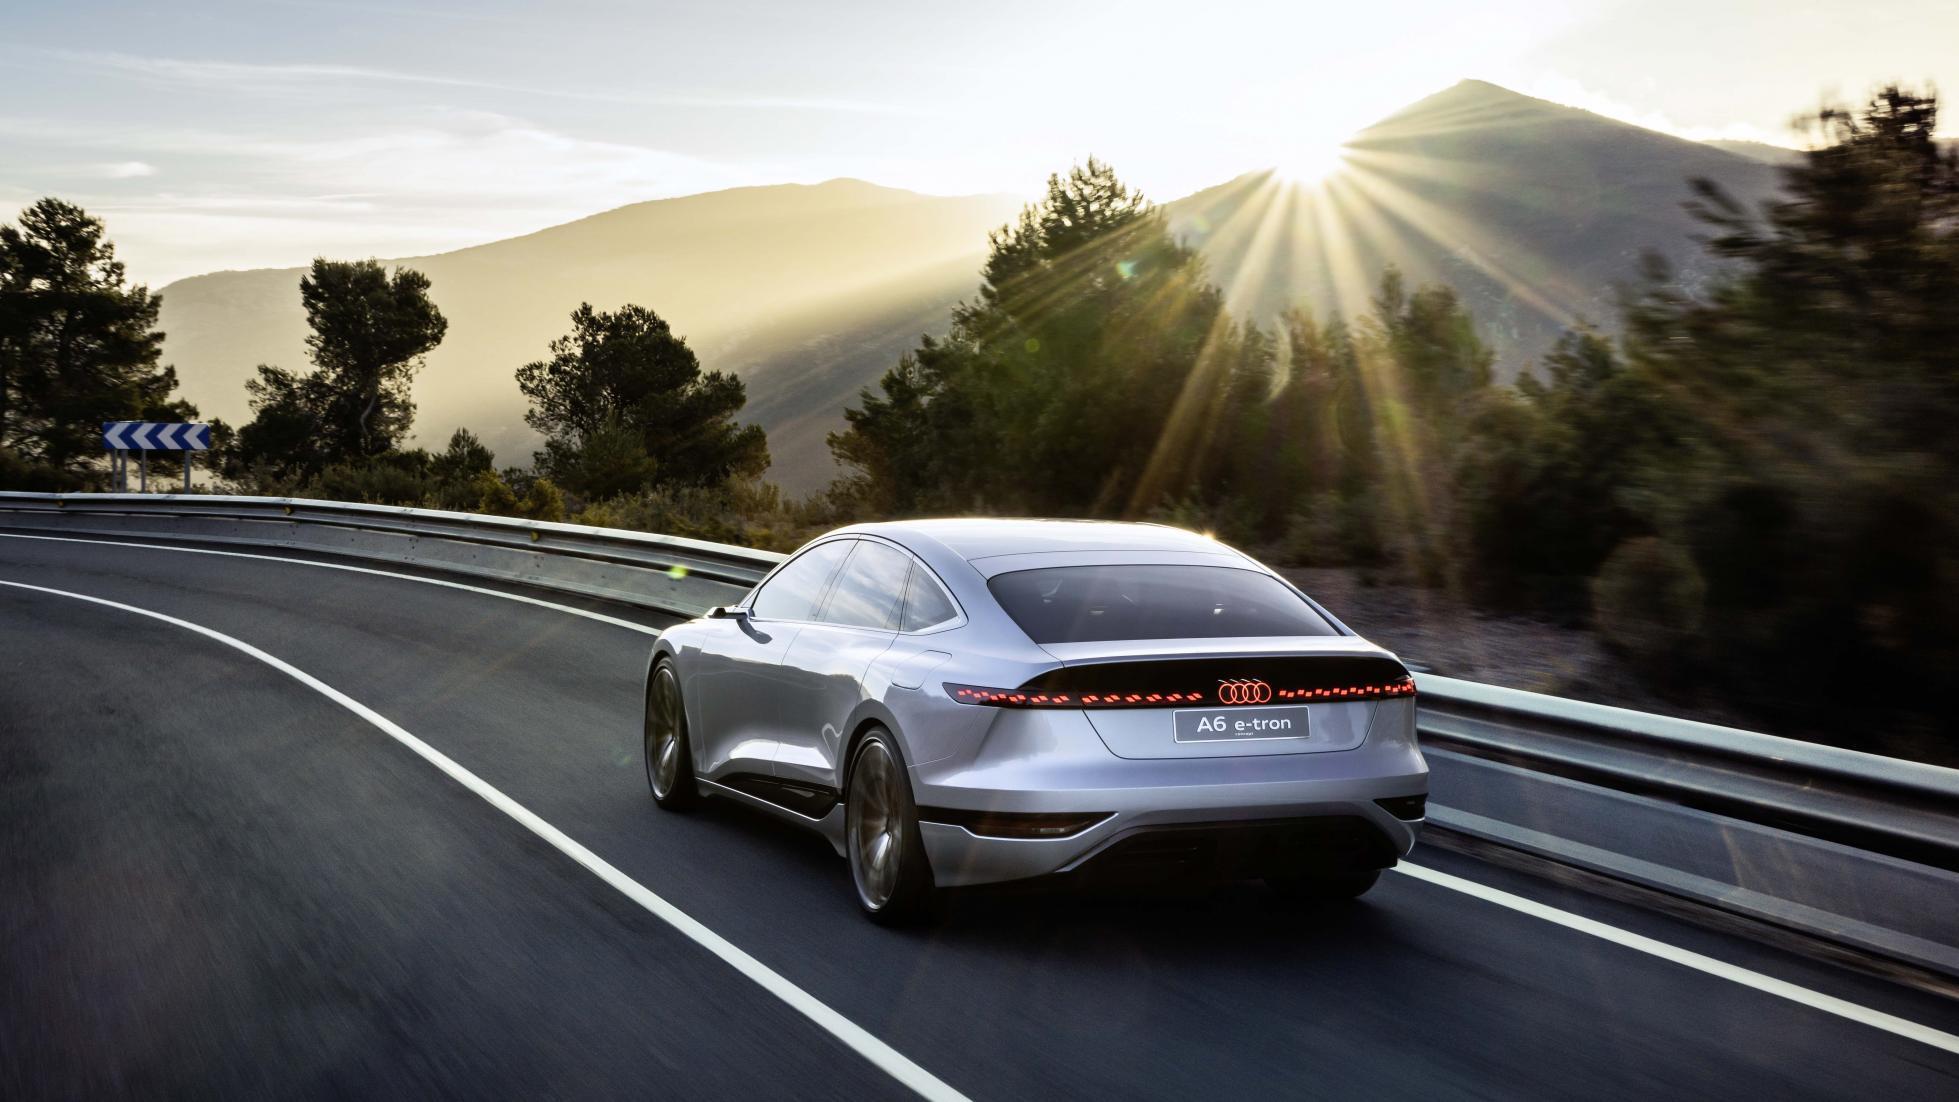 The Audi A6 e-tron concept